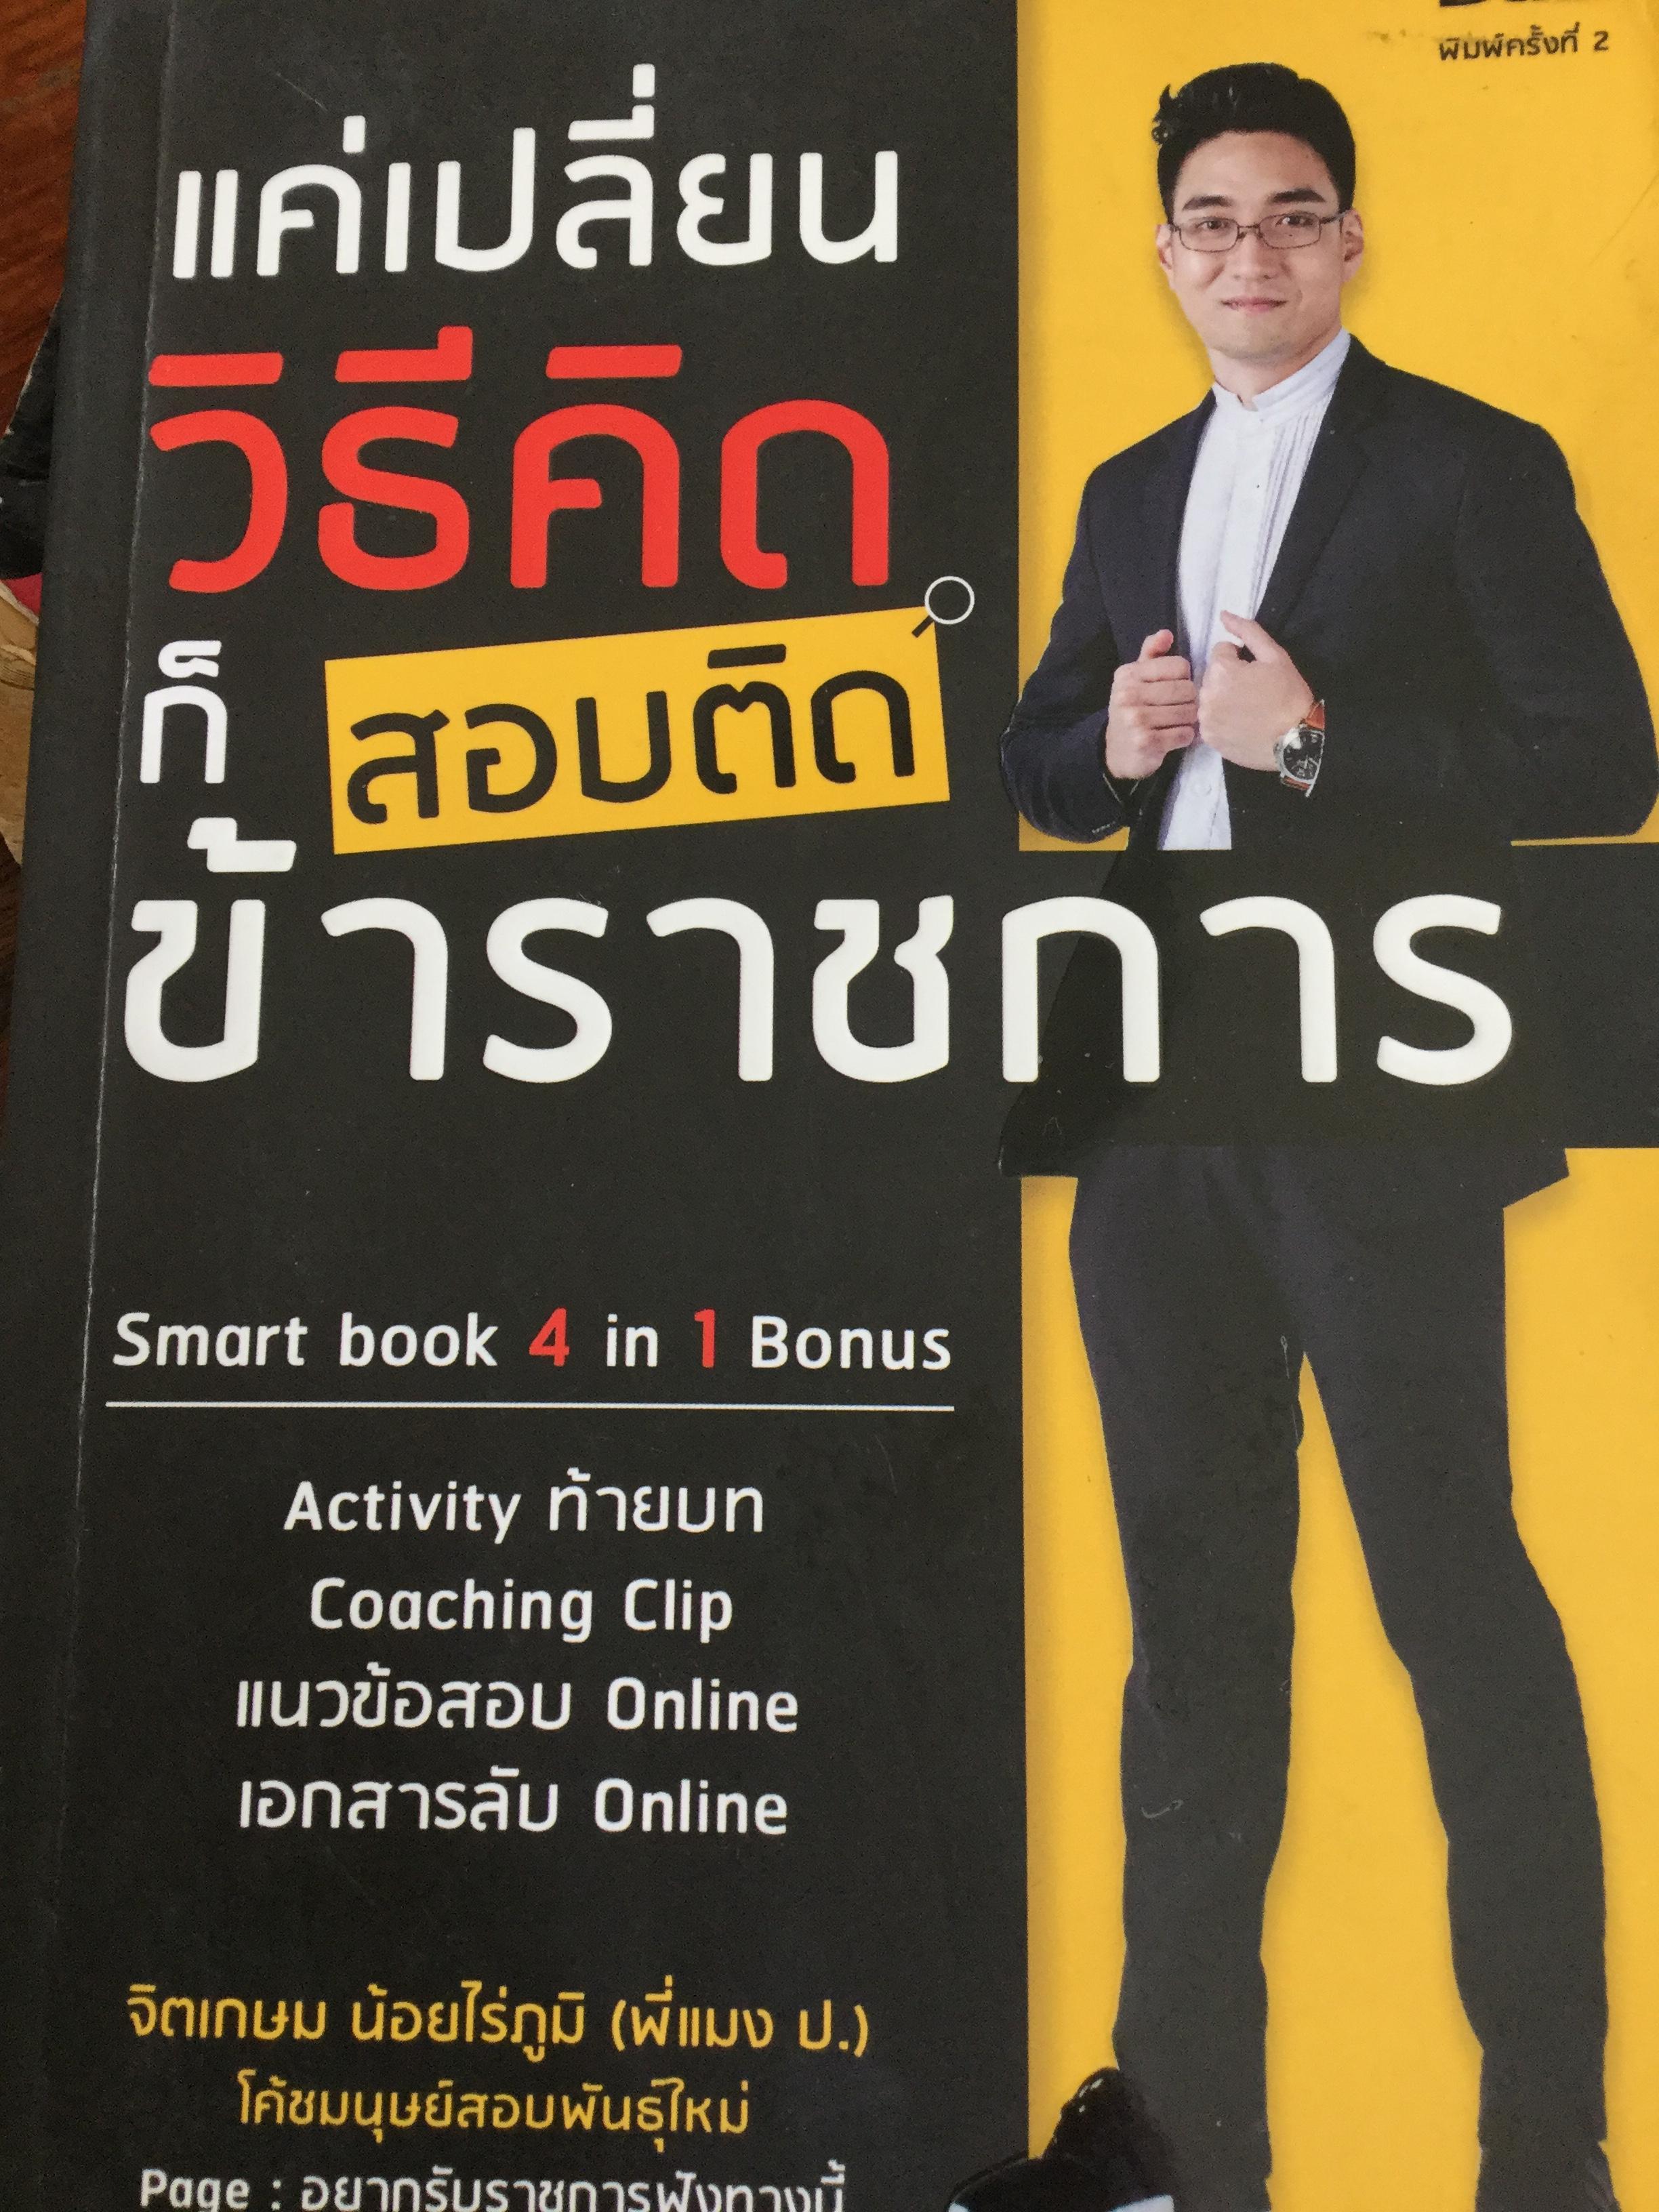 แค่เปลี่ยนวิธีคิดก็สอบติดข้าราชการ Smart book 4 in 1 Bonus ผู้เขียน จิตเกษม น้อยไร่ภูมิ